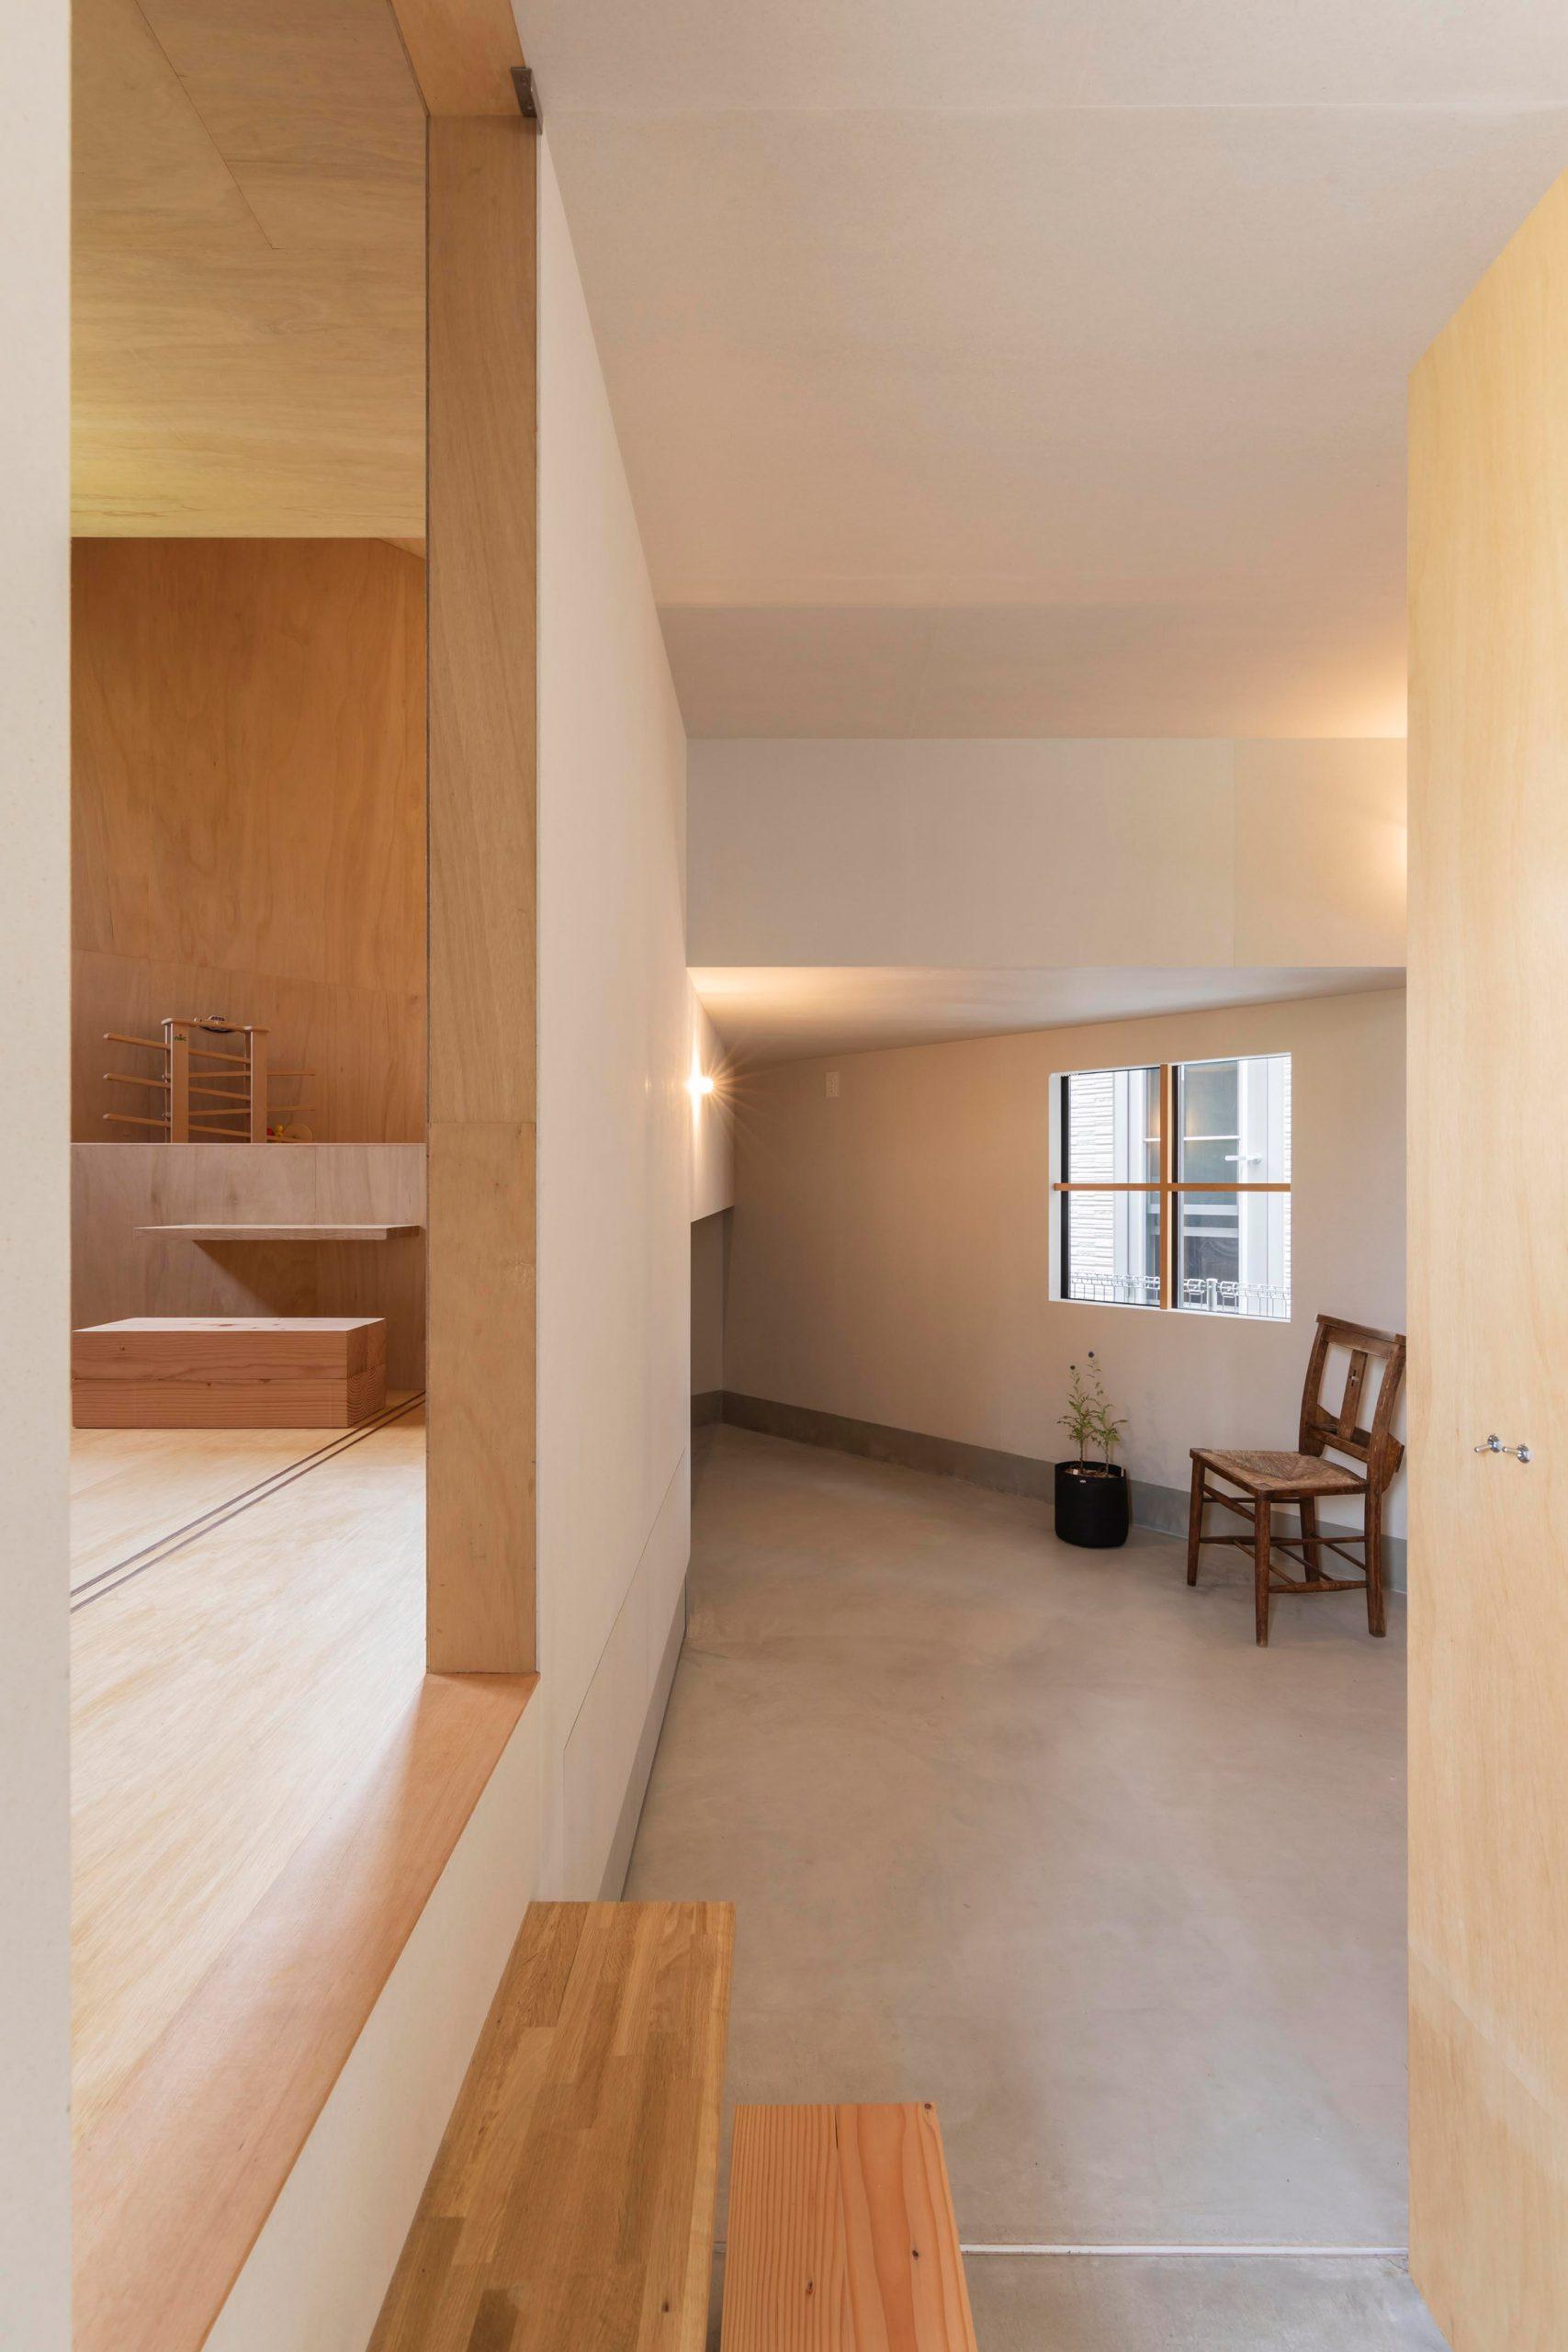 Thiết kế nội thất căn hộ nhỏ 27